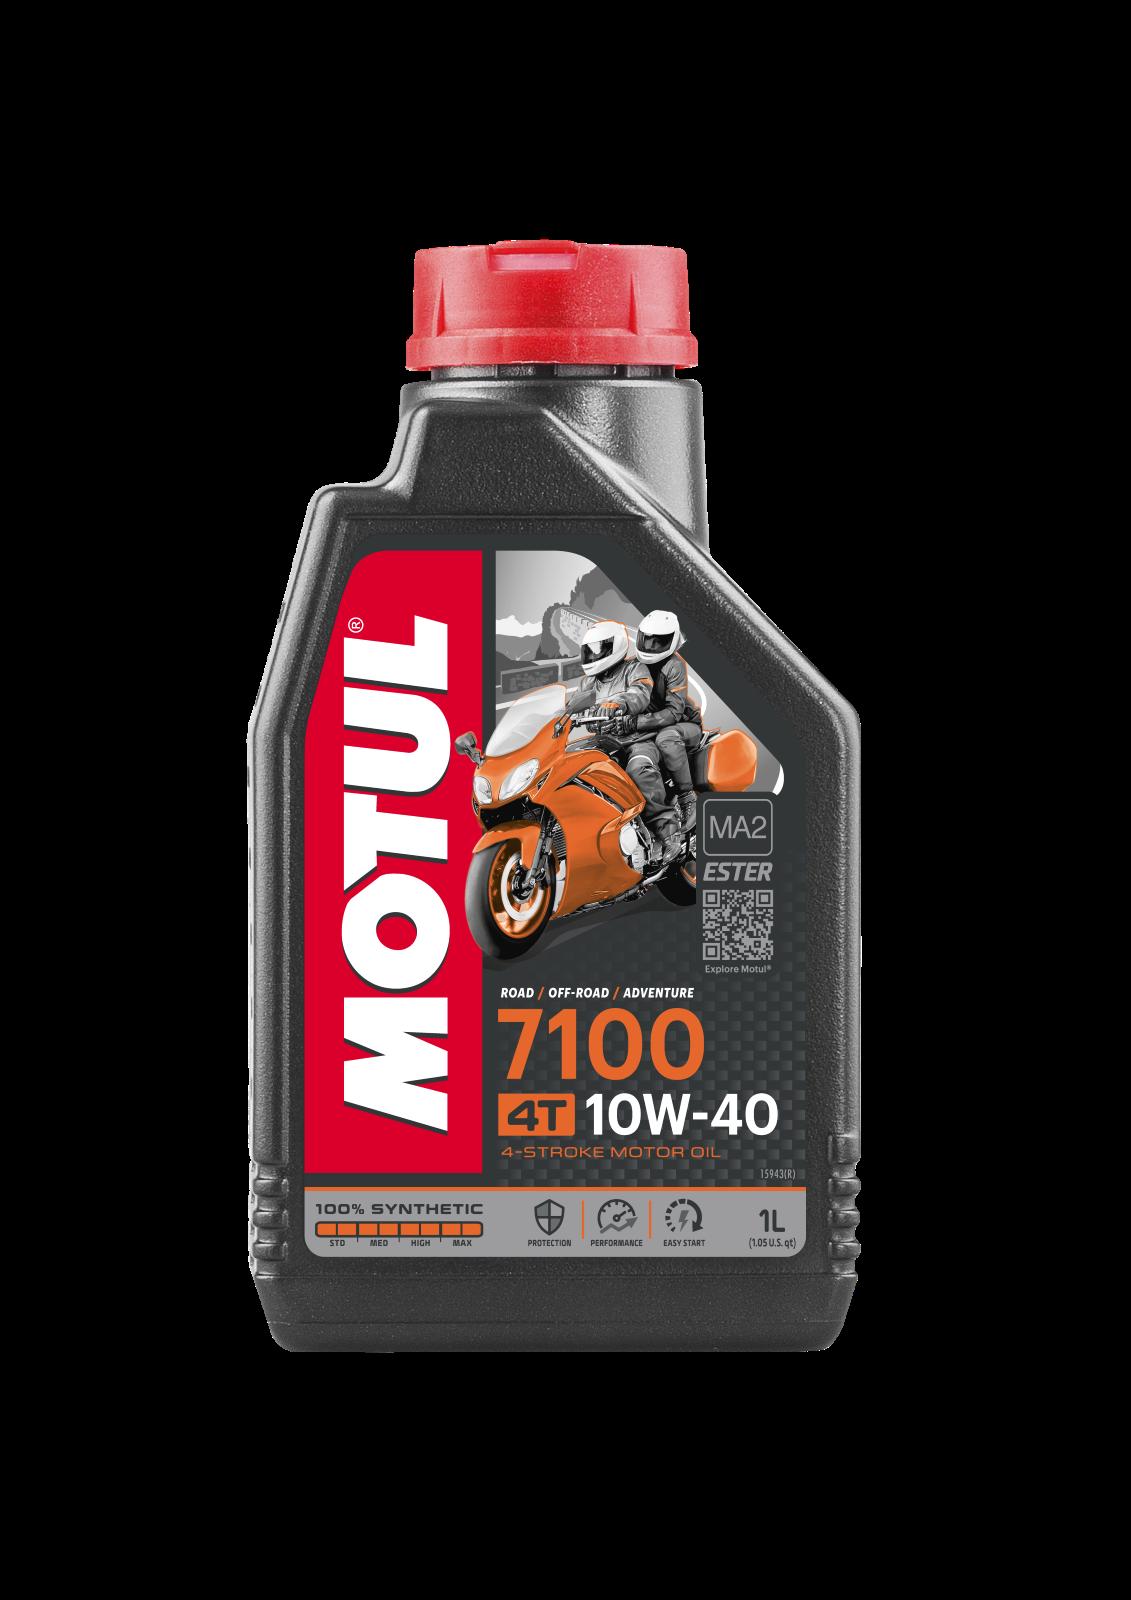 MOTUL AG MOTUL 7100 4T 10W-40 1L